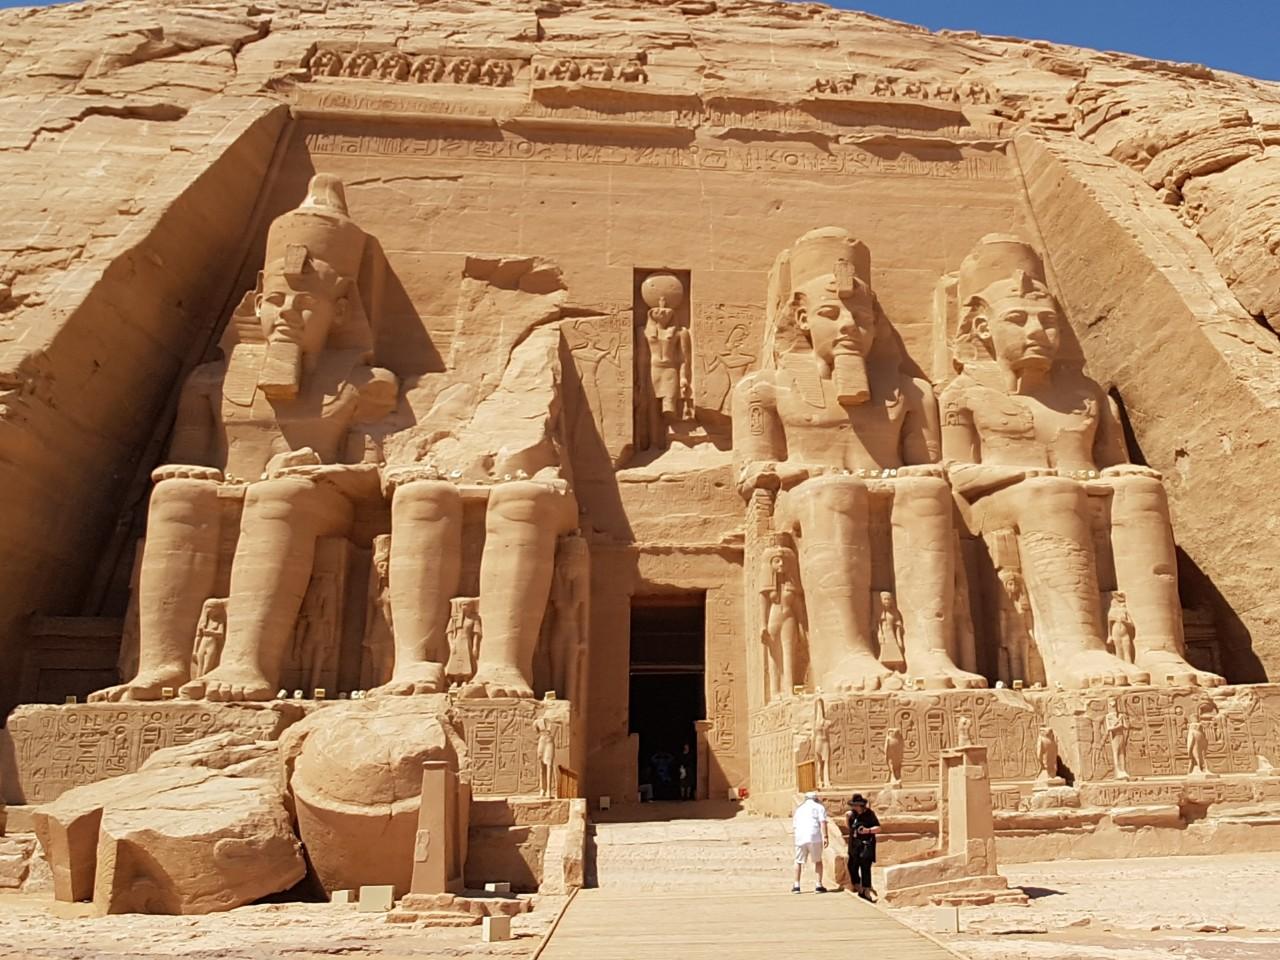 Rondreis Egypte (9 dagen); bezienswaardigheden, planning, budget en handige tips